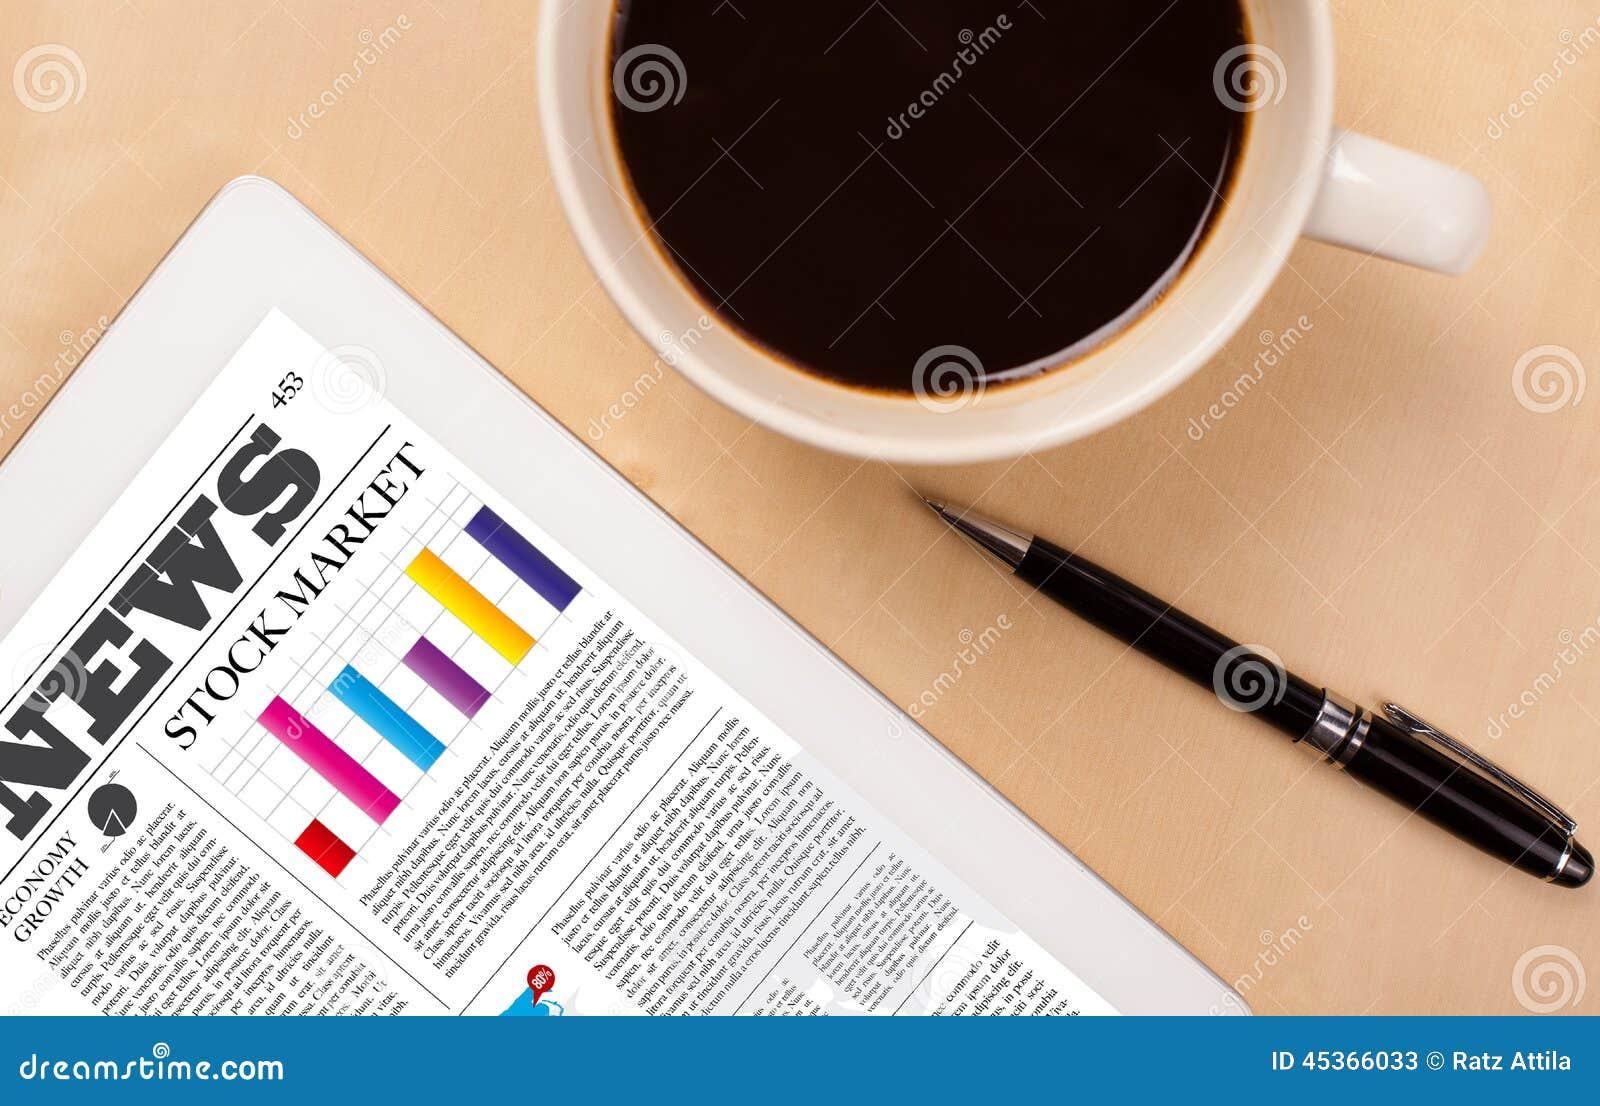 Le PC de comprimé montre des actualités sur l écran avec une tasse de café sur un bureau